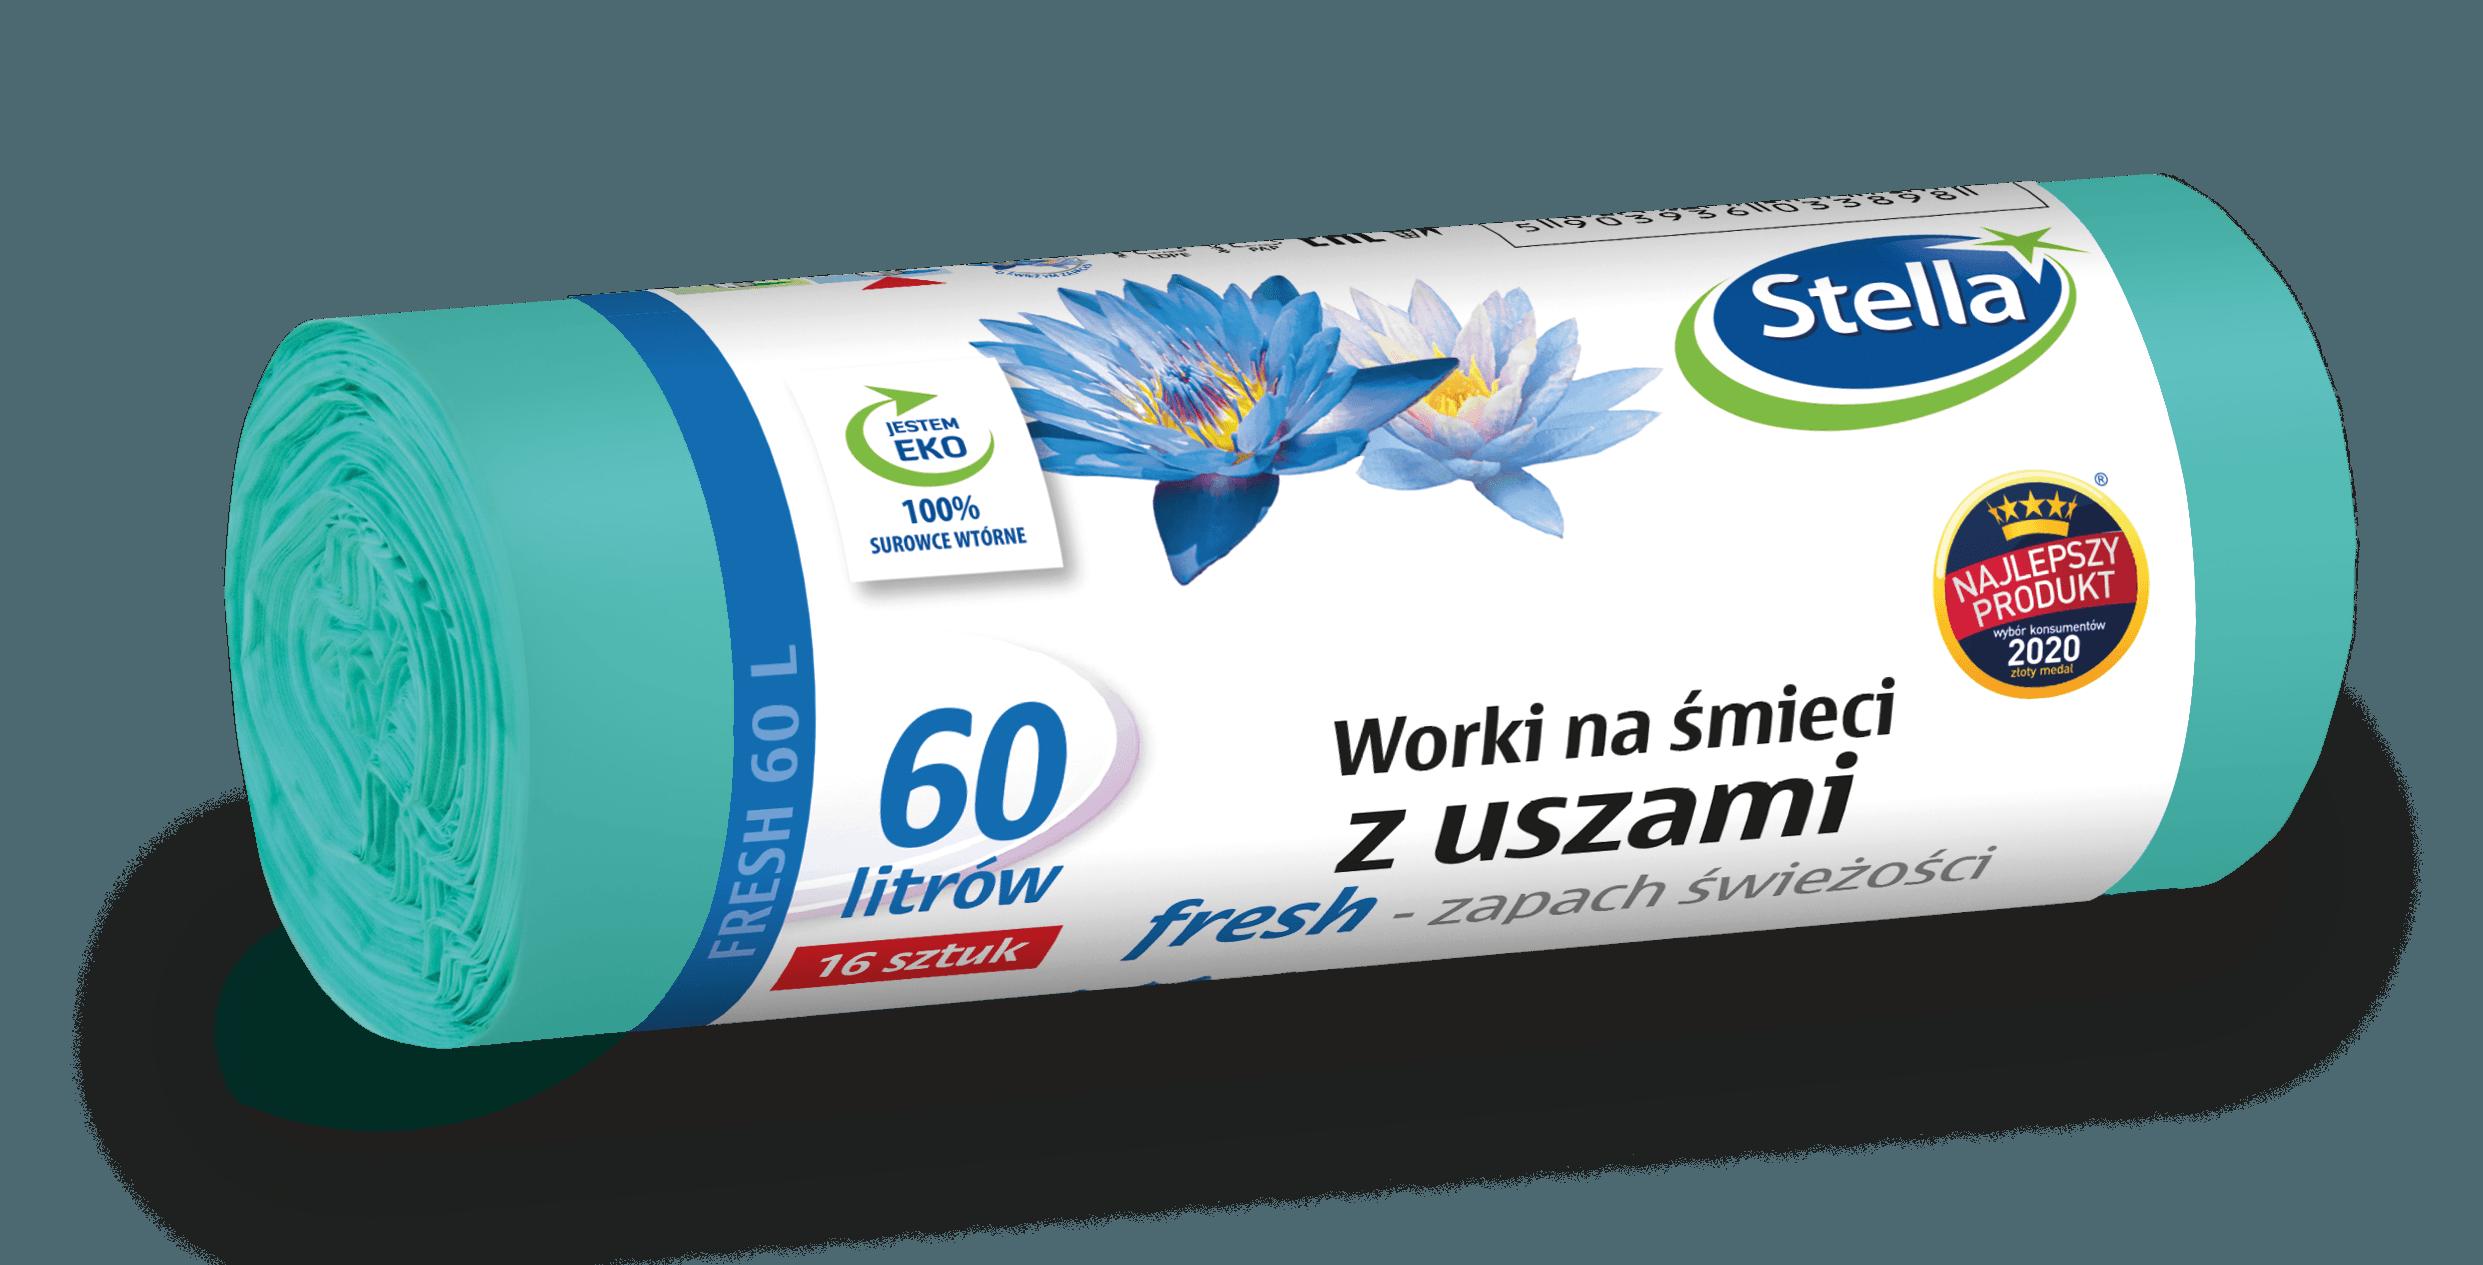 Worki na śmieci z uszami FRESH - świeży zapach 60L 16szt STELLA